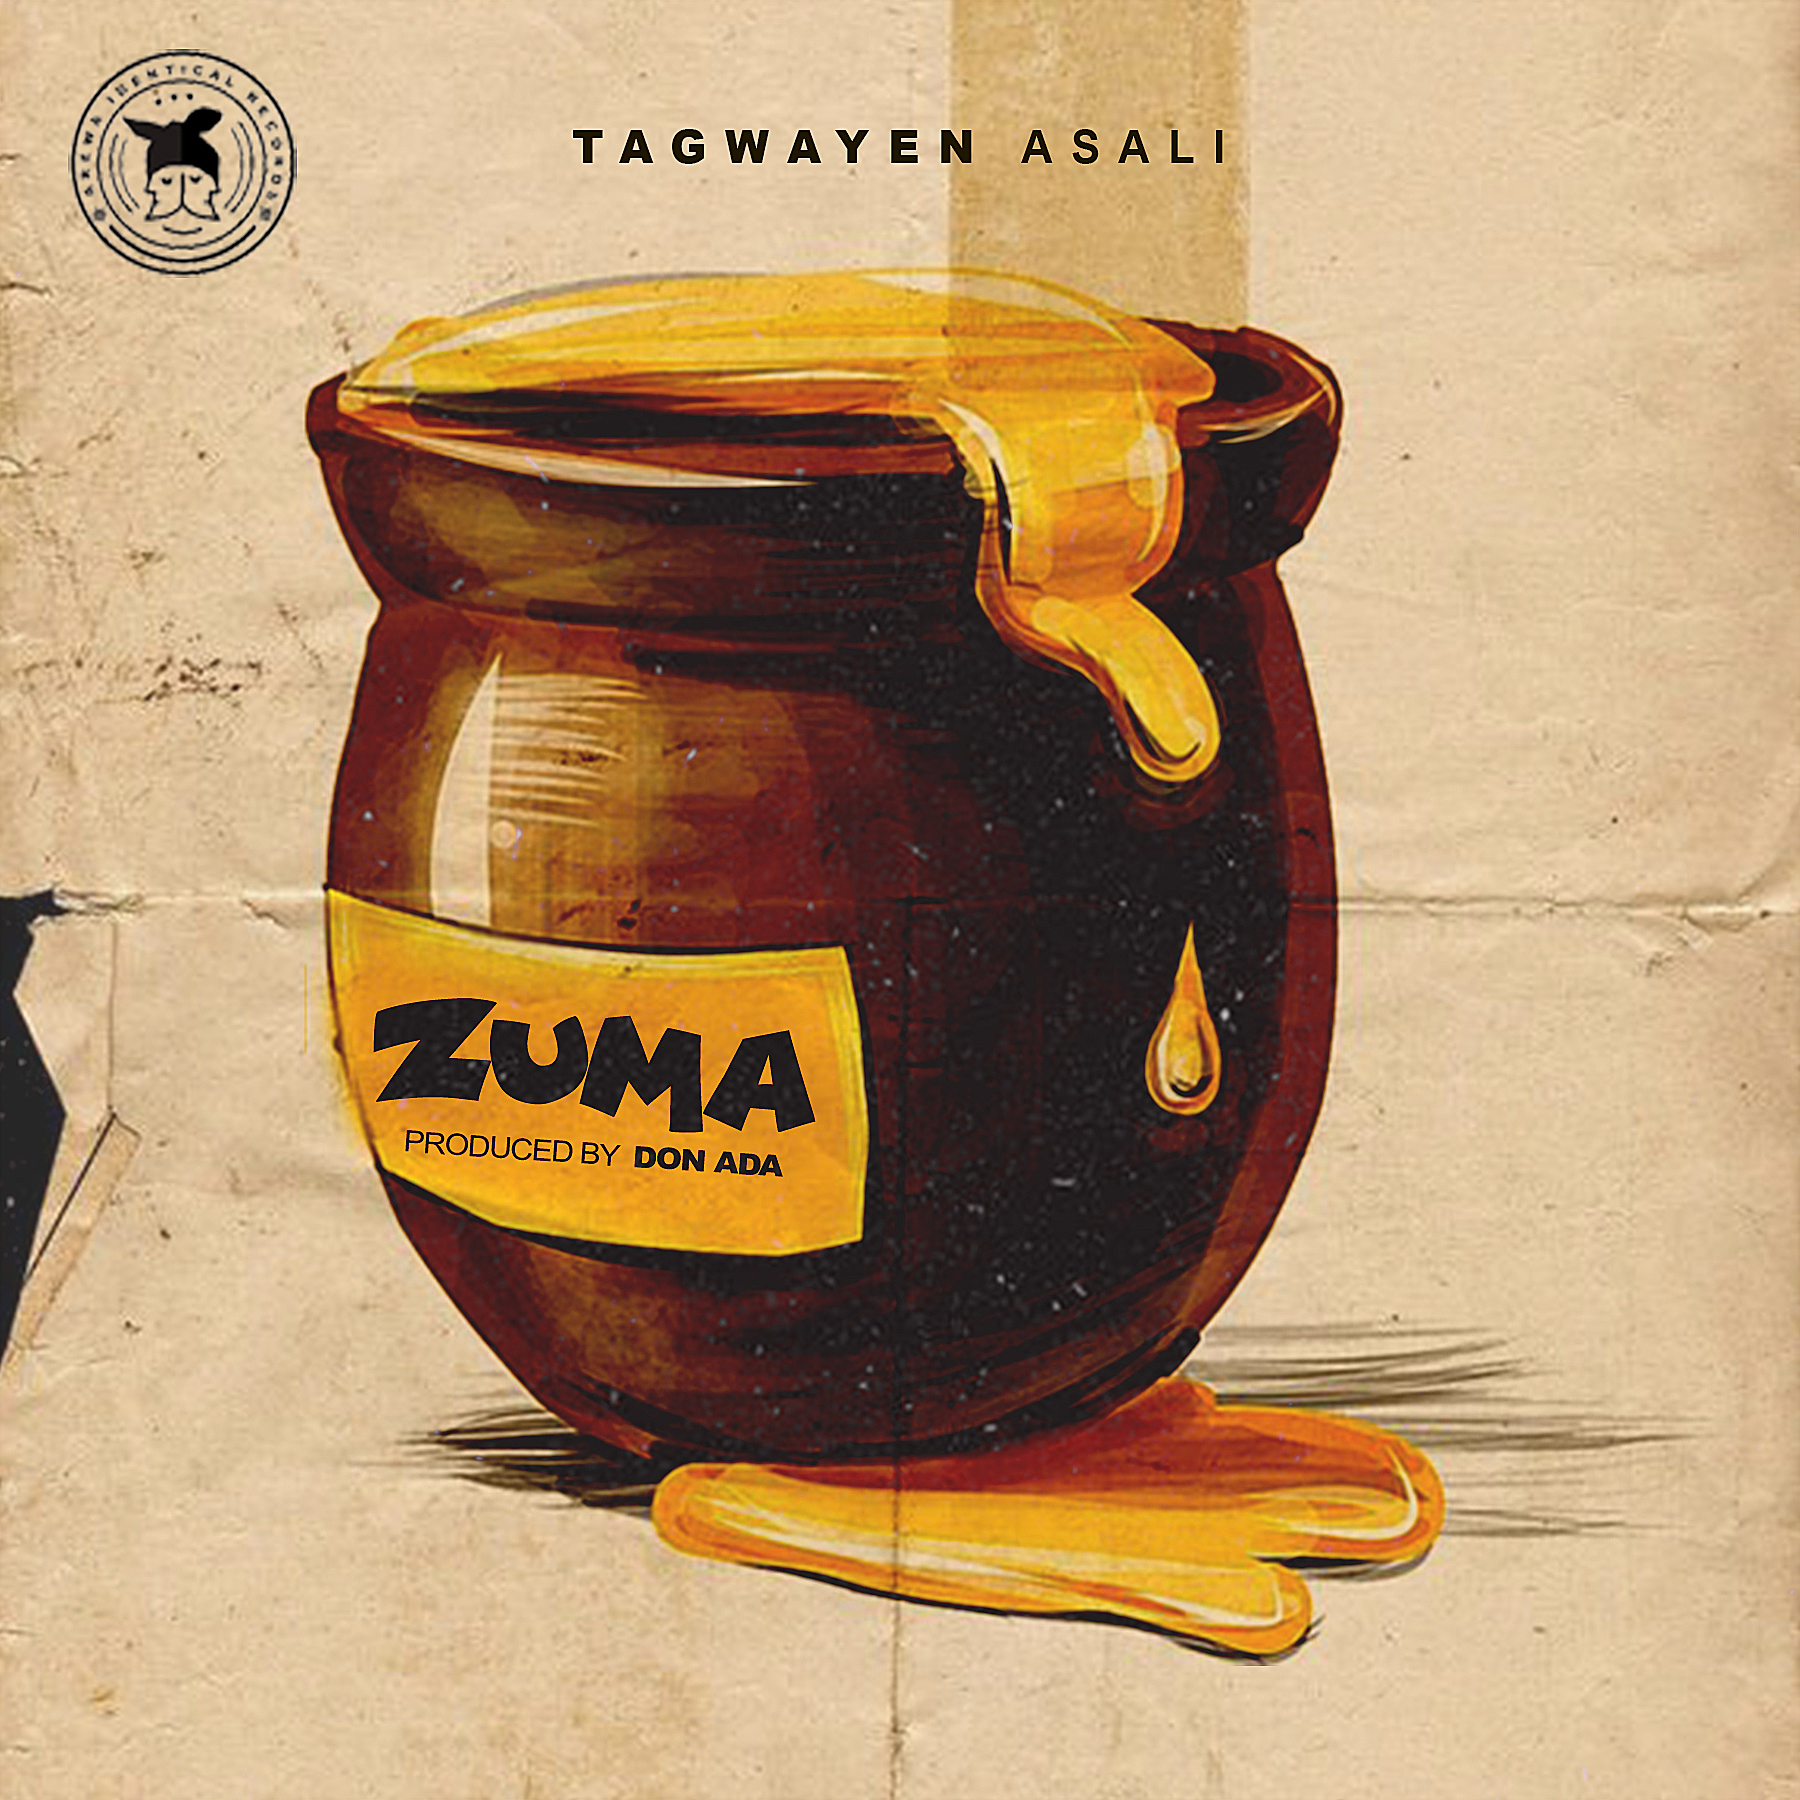 Tagwayen Asali - Zuma